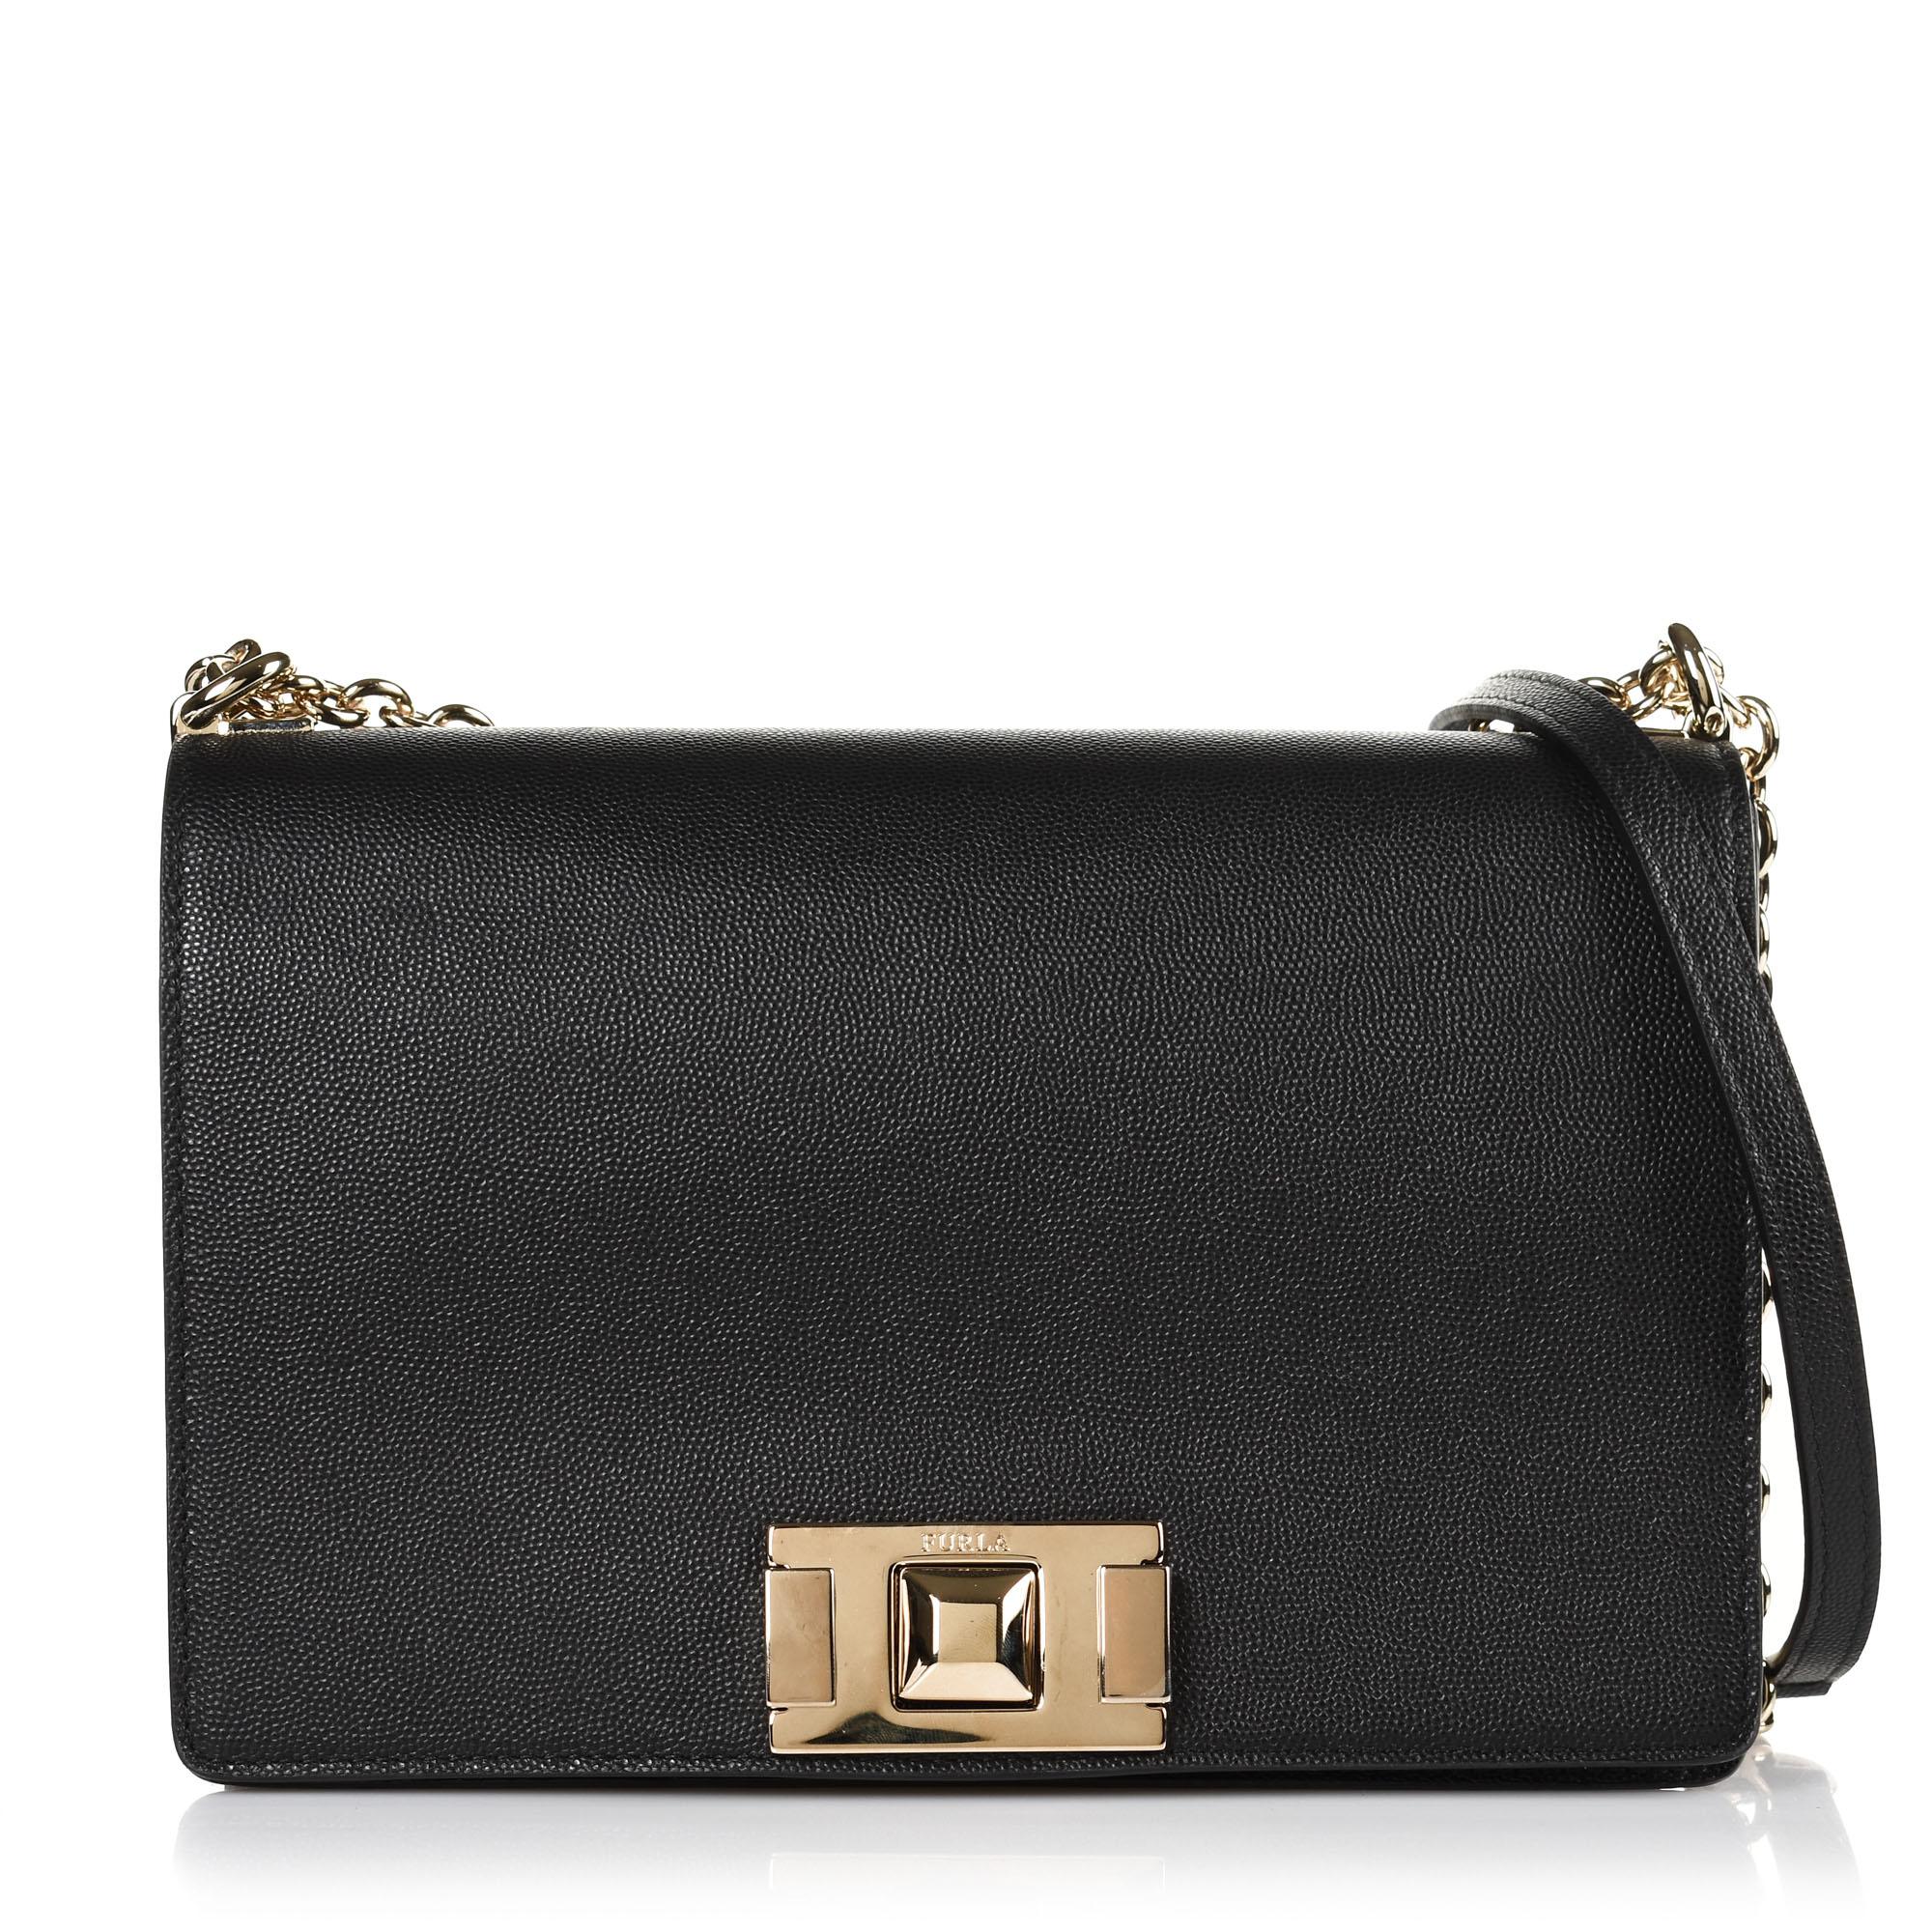 2a19ae7869 Brand Bags Δερμάτινο Τσαντάκι Ώμου-Χιαστί Furla 10219